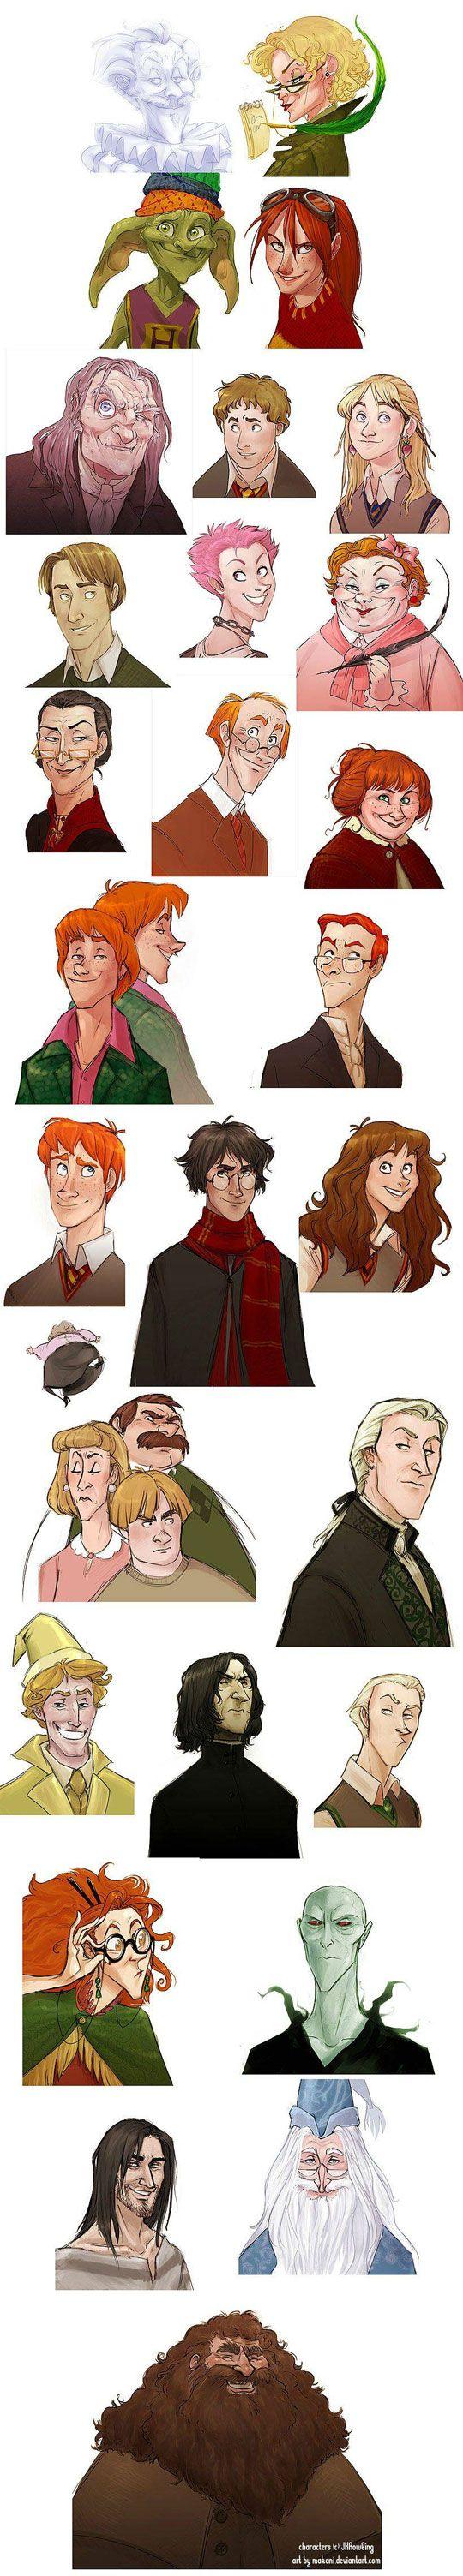 Disney-fied Harry Potter